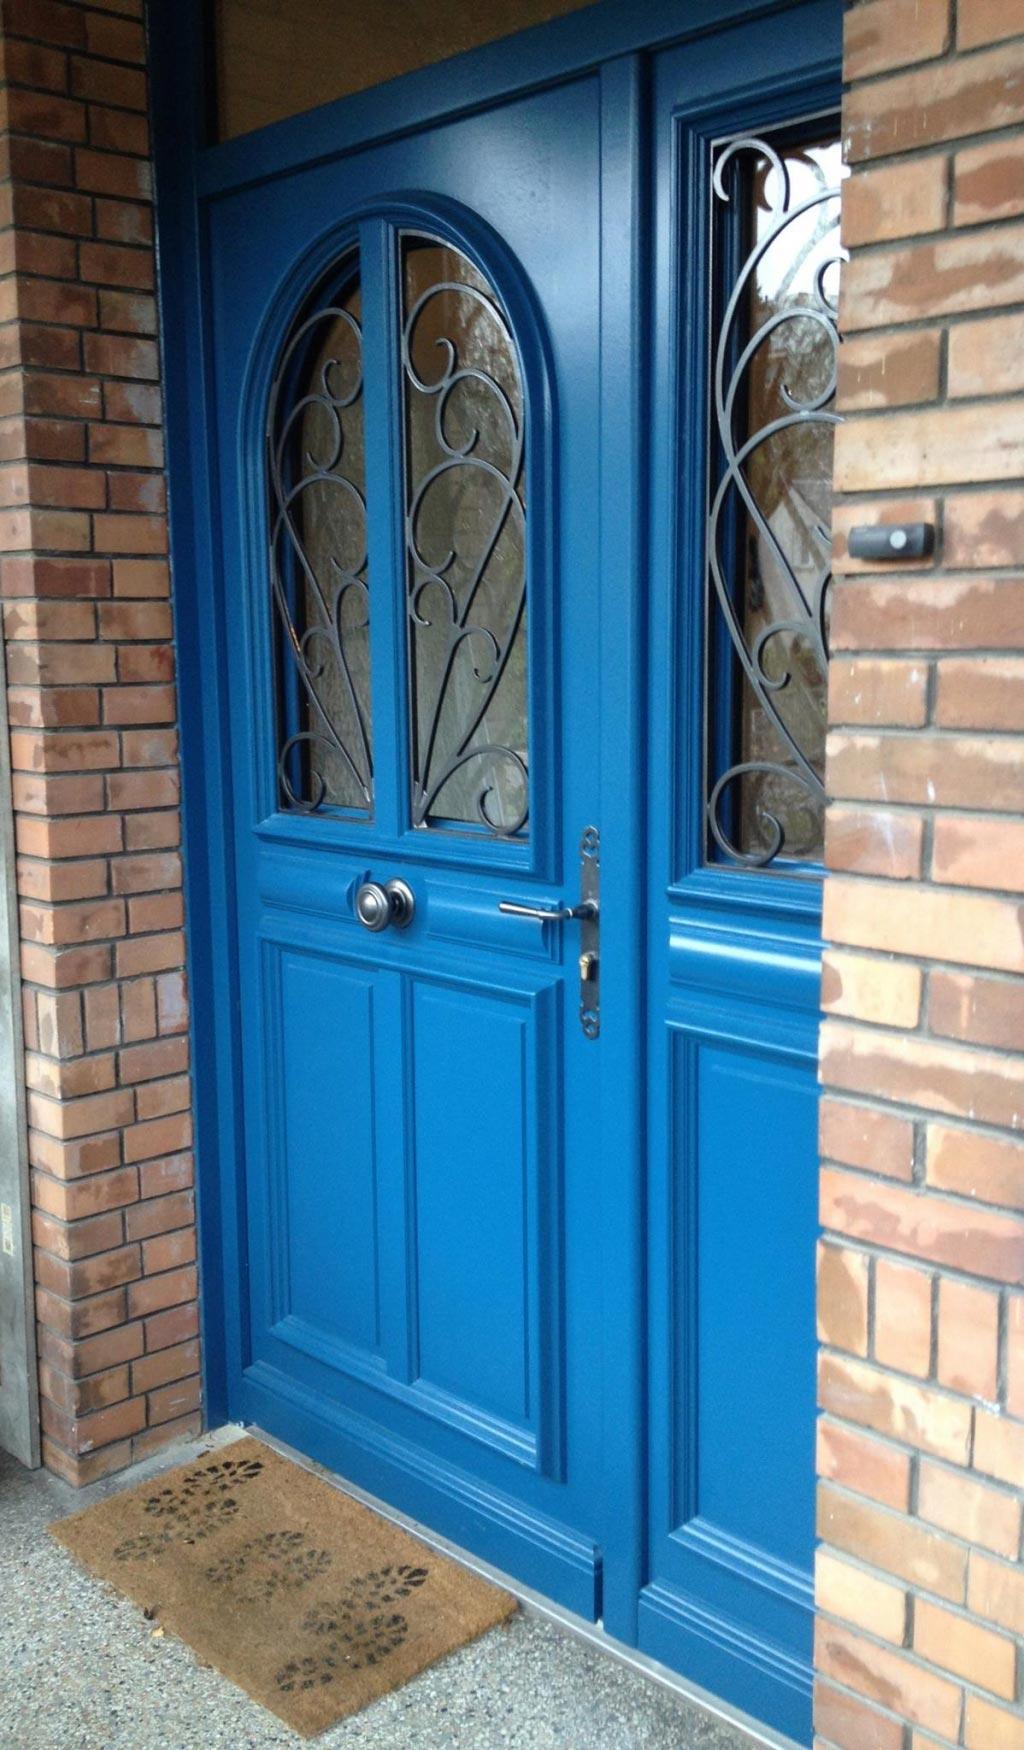 Remplacement / installation,  Porte d'entrée bois par artisan menuisier Rge , secteur Rouen / Bois-Guillaume, 76 Seine-Maritime-Seine Maritime (76)